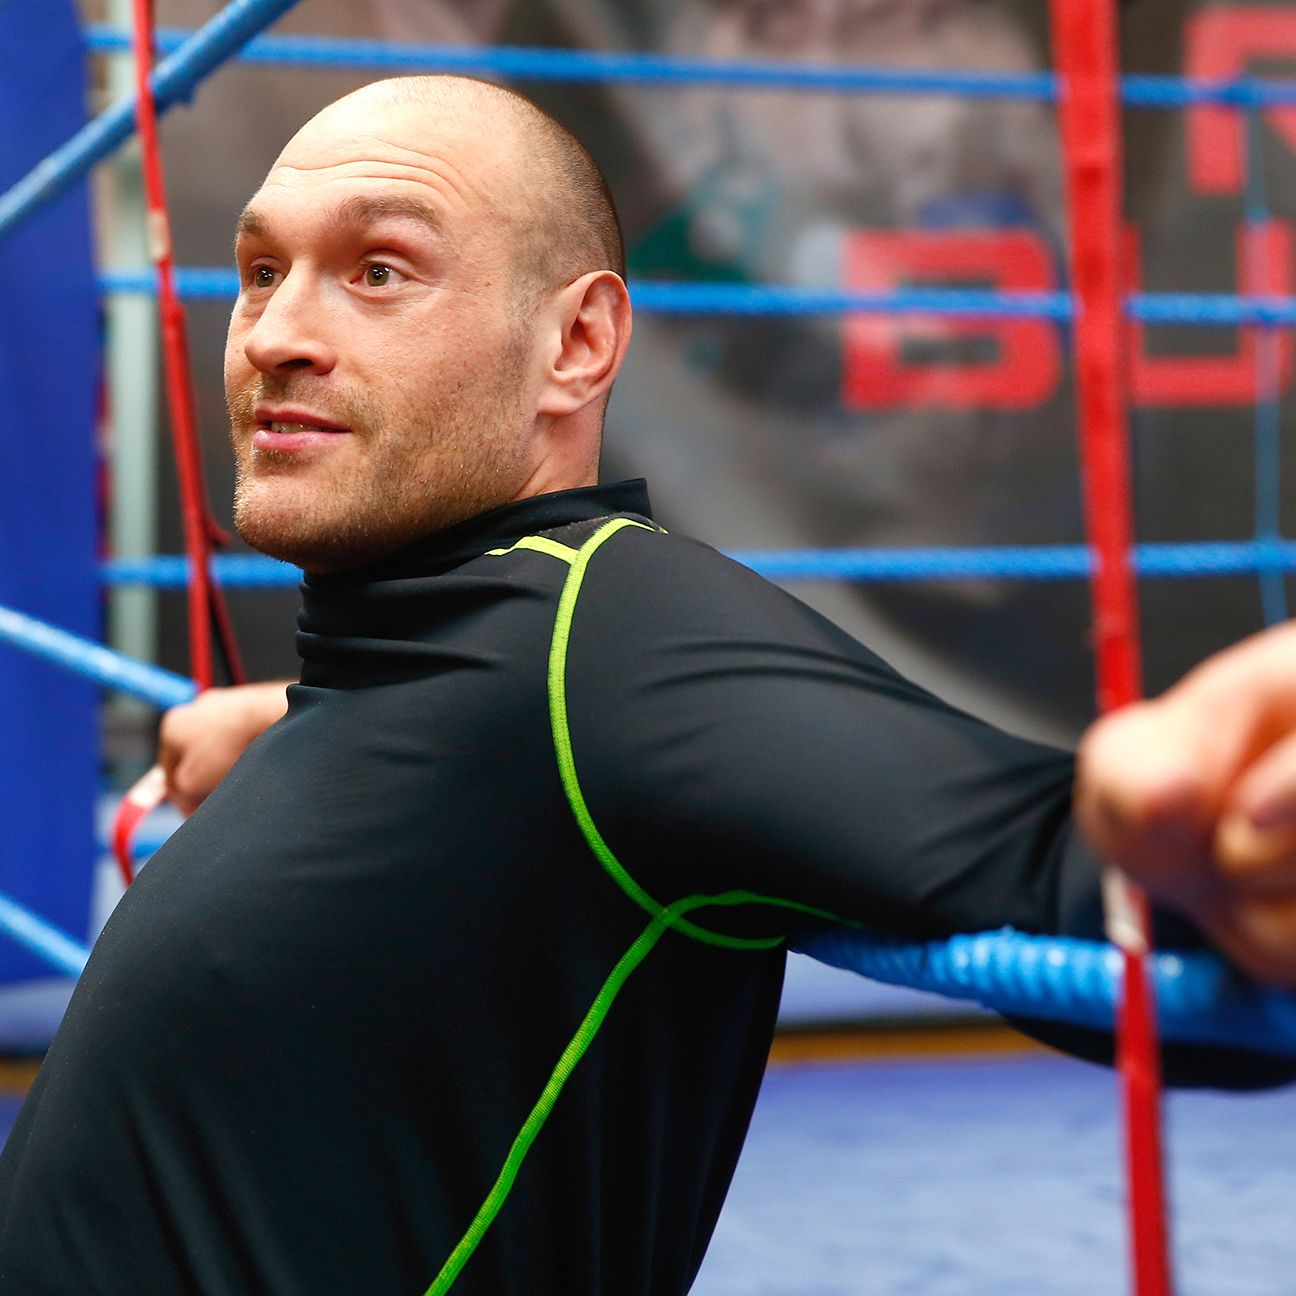 Tyson Fury's Manager Mick Hennessy Says Wladimir Klitschko